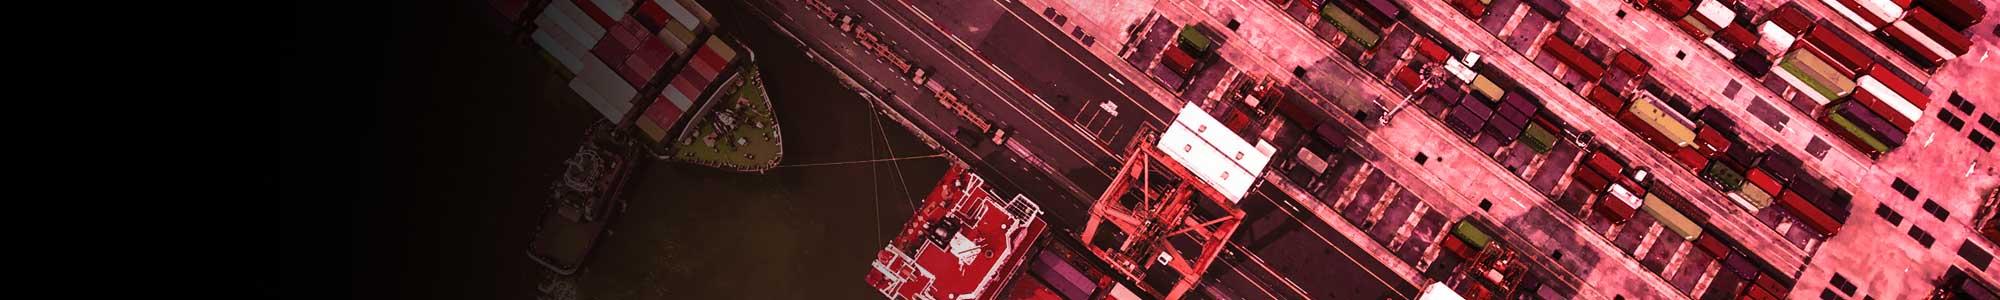 Procurement & Logistics services